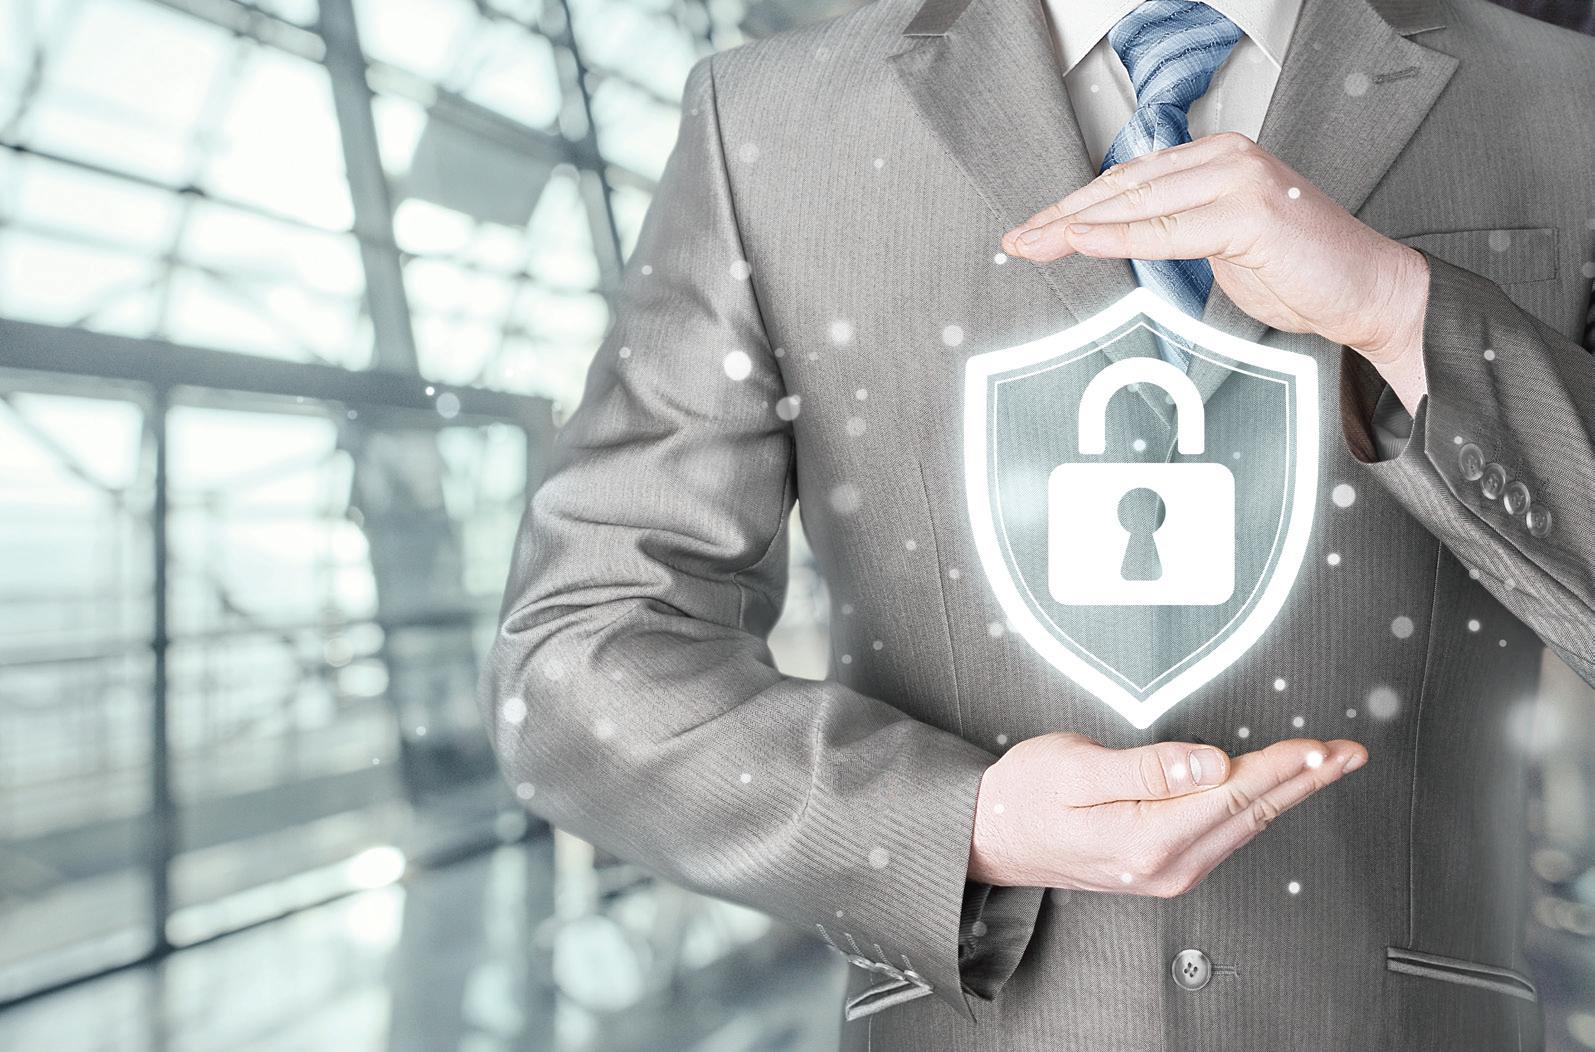 Cyber sécurité : tous concernés